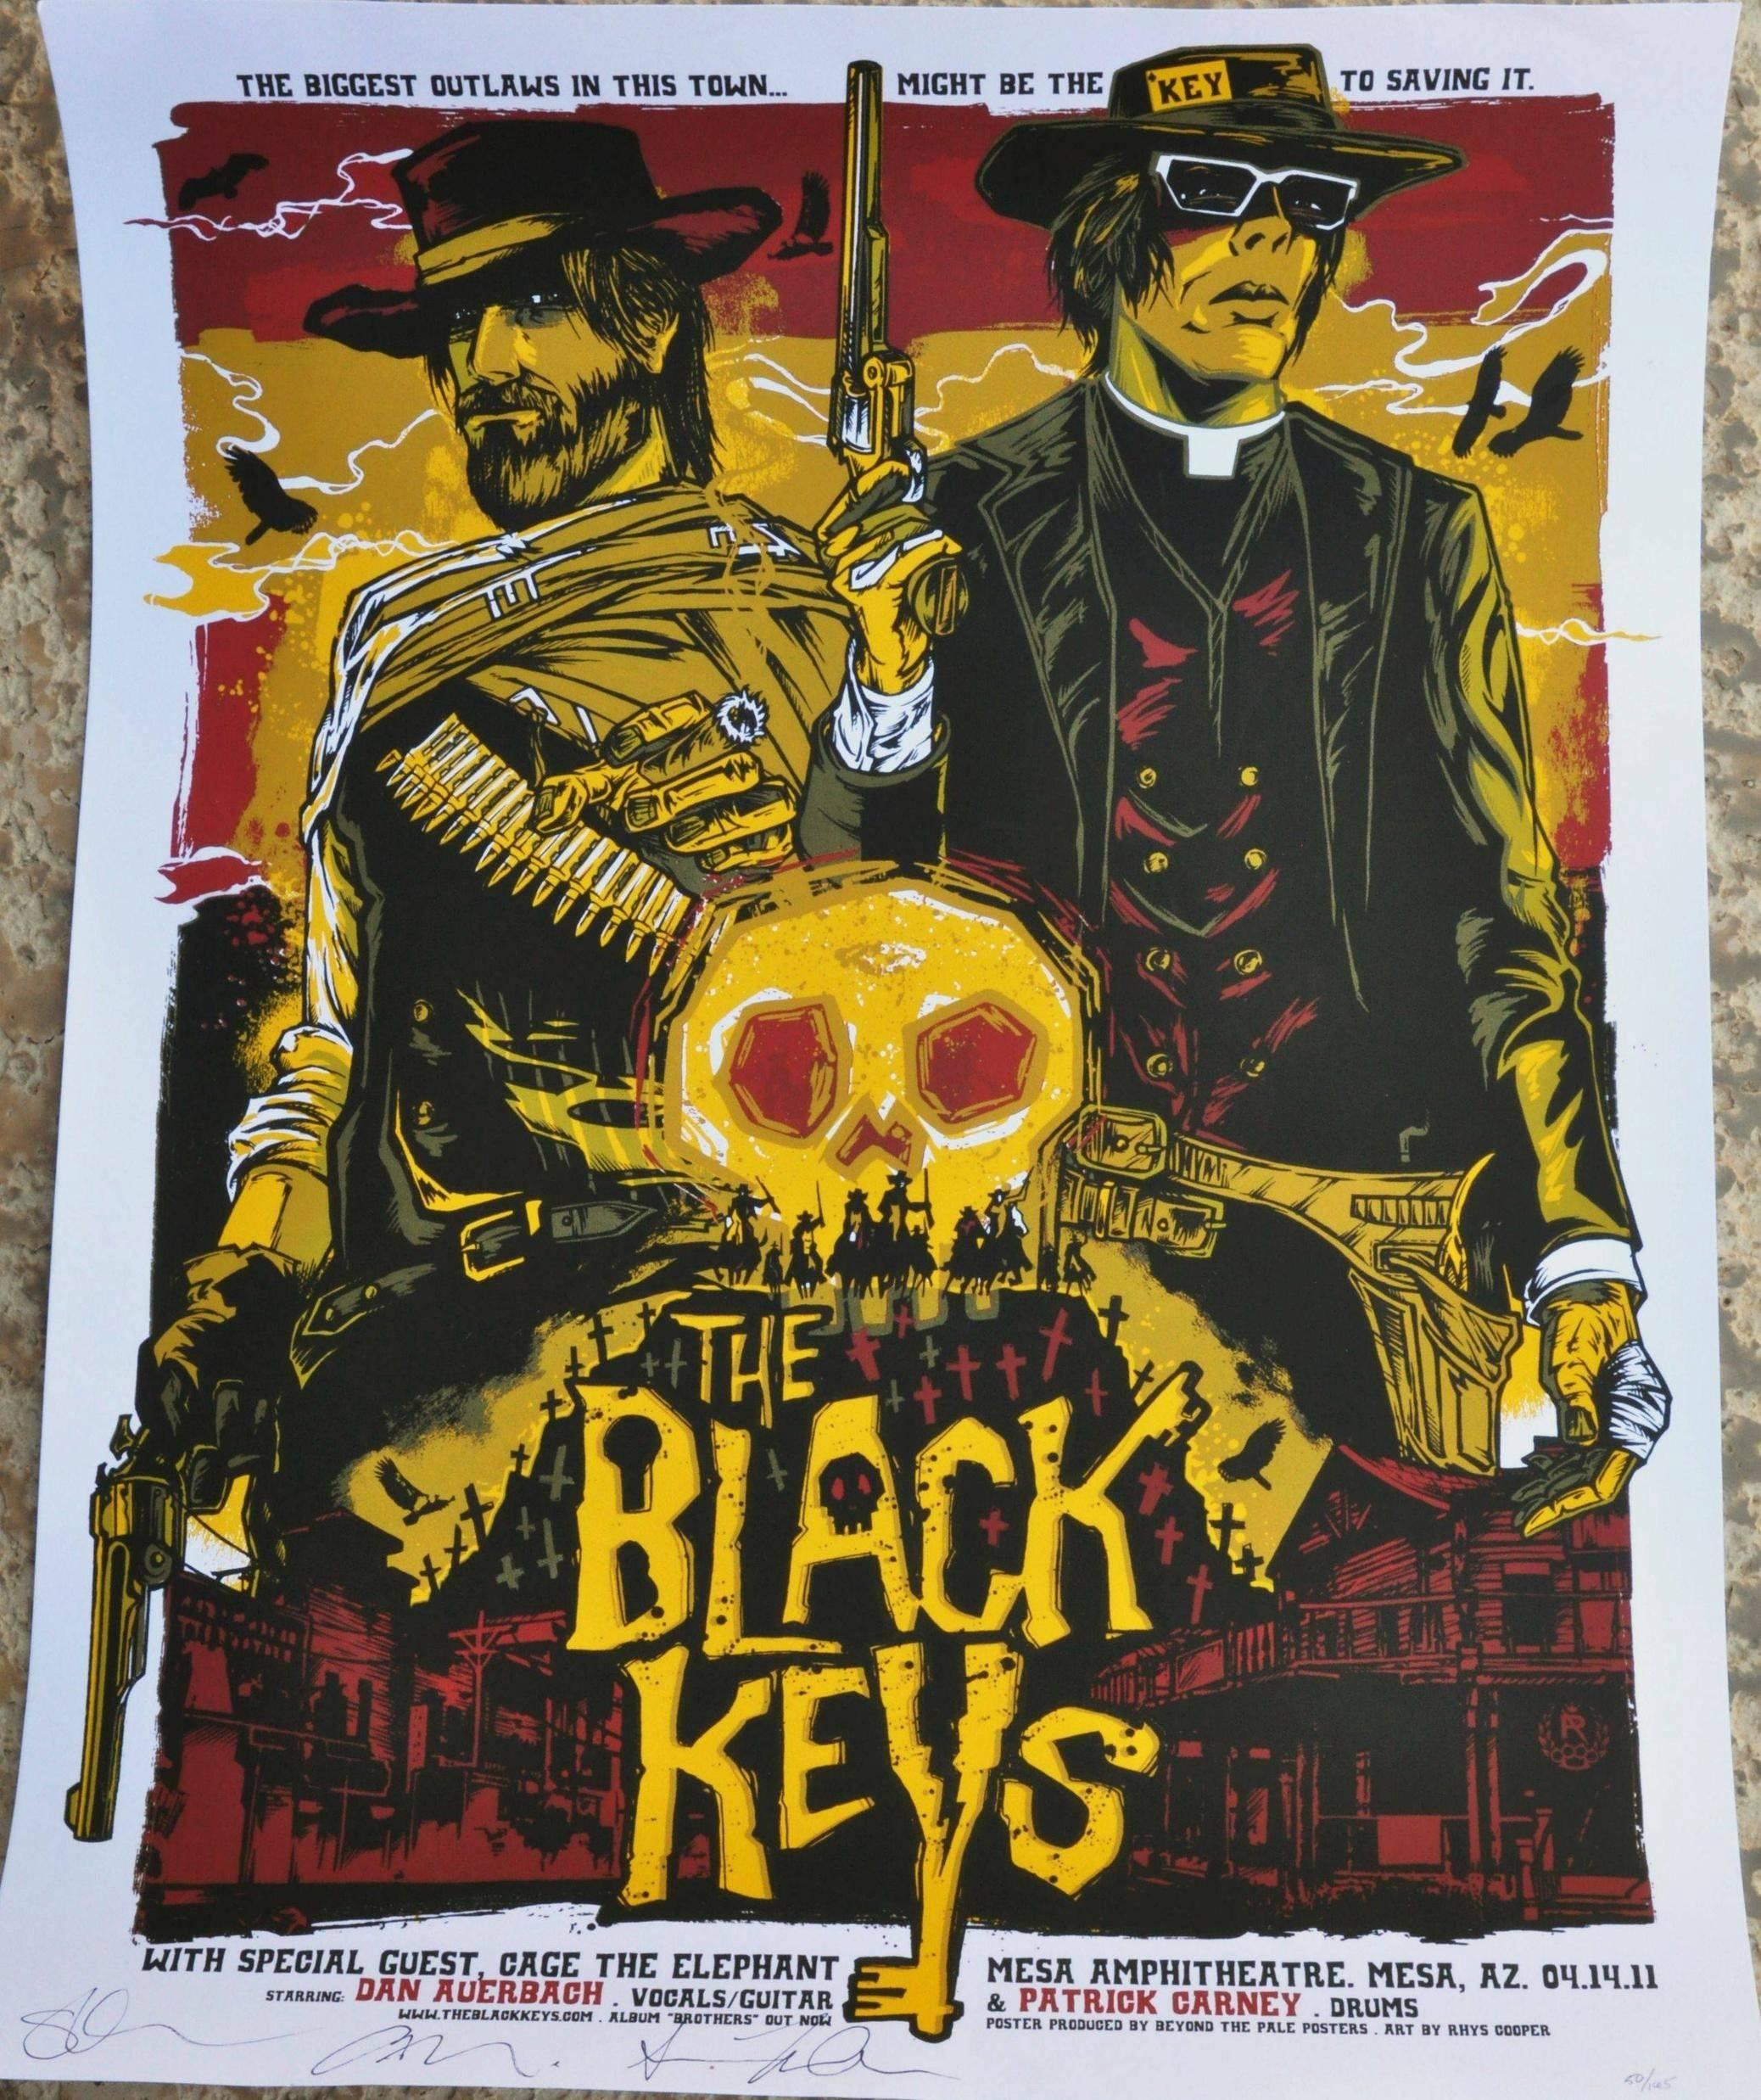 Best concert poster